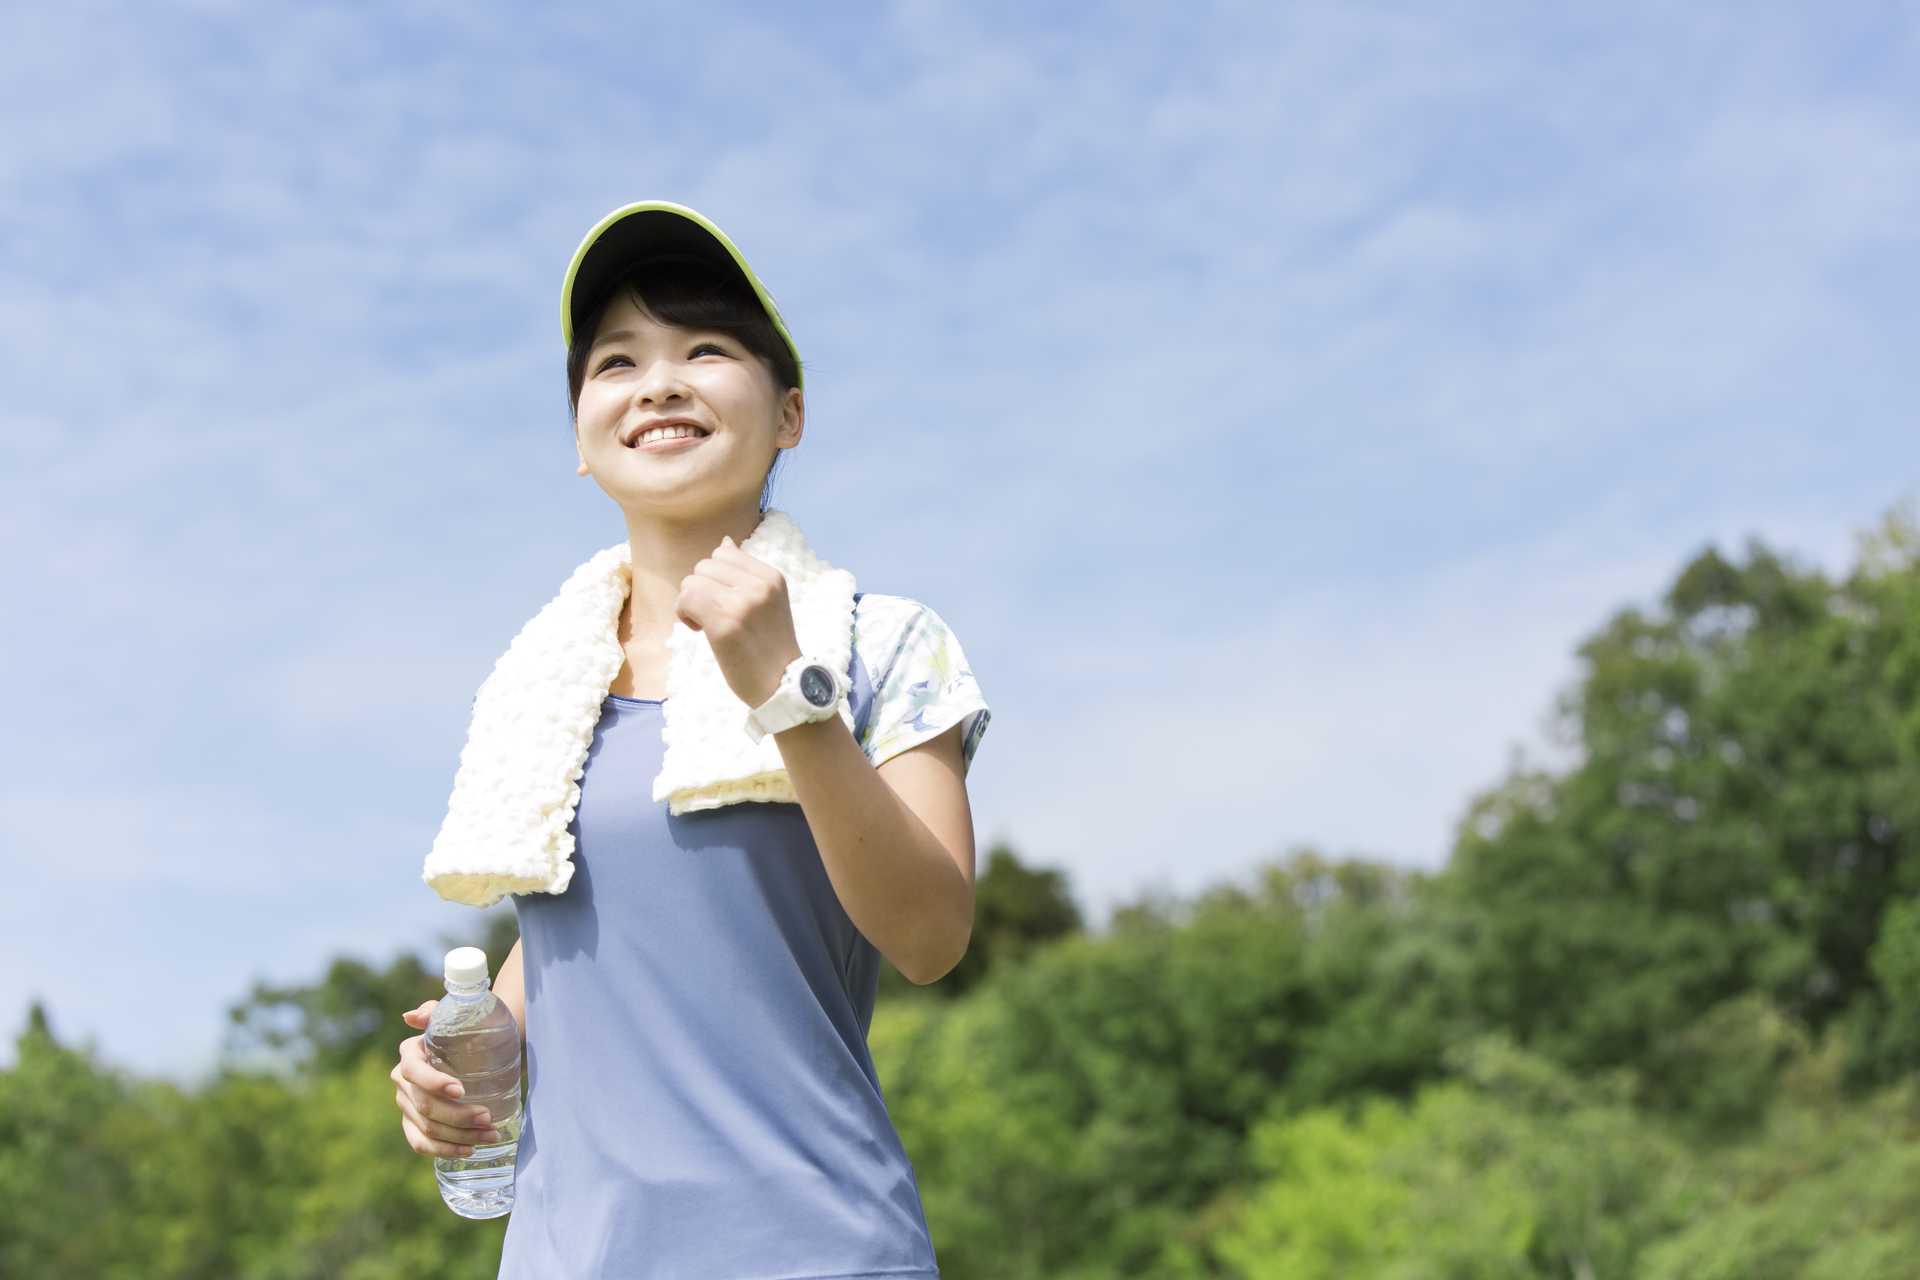 歩くときに大切なのは、歩数や歩幅より、背筋。 | 早朝の散歩習慣のすすめ